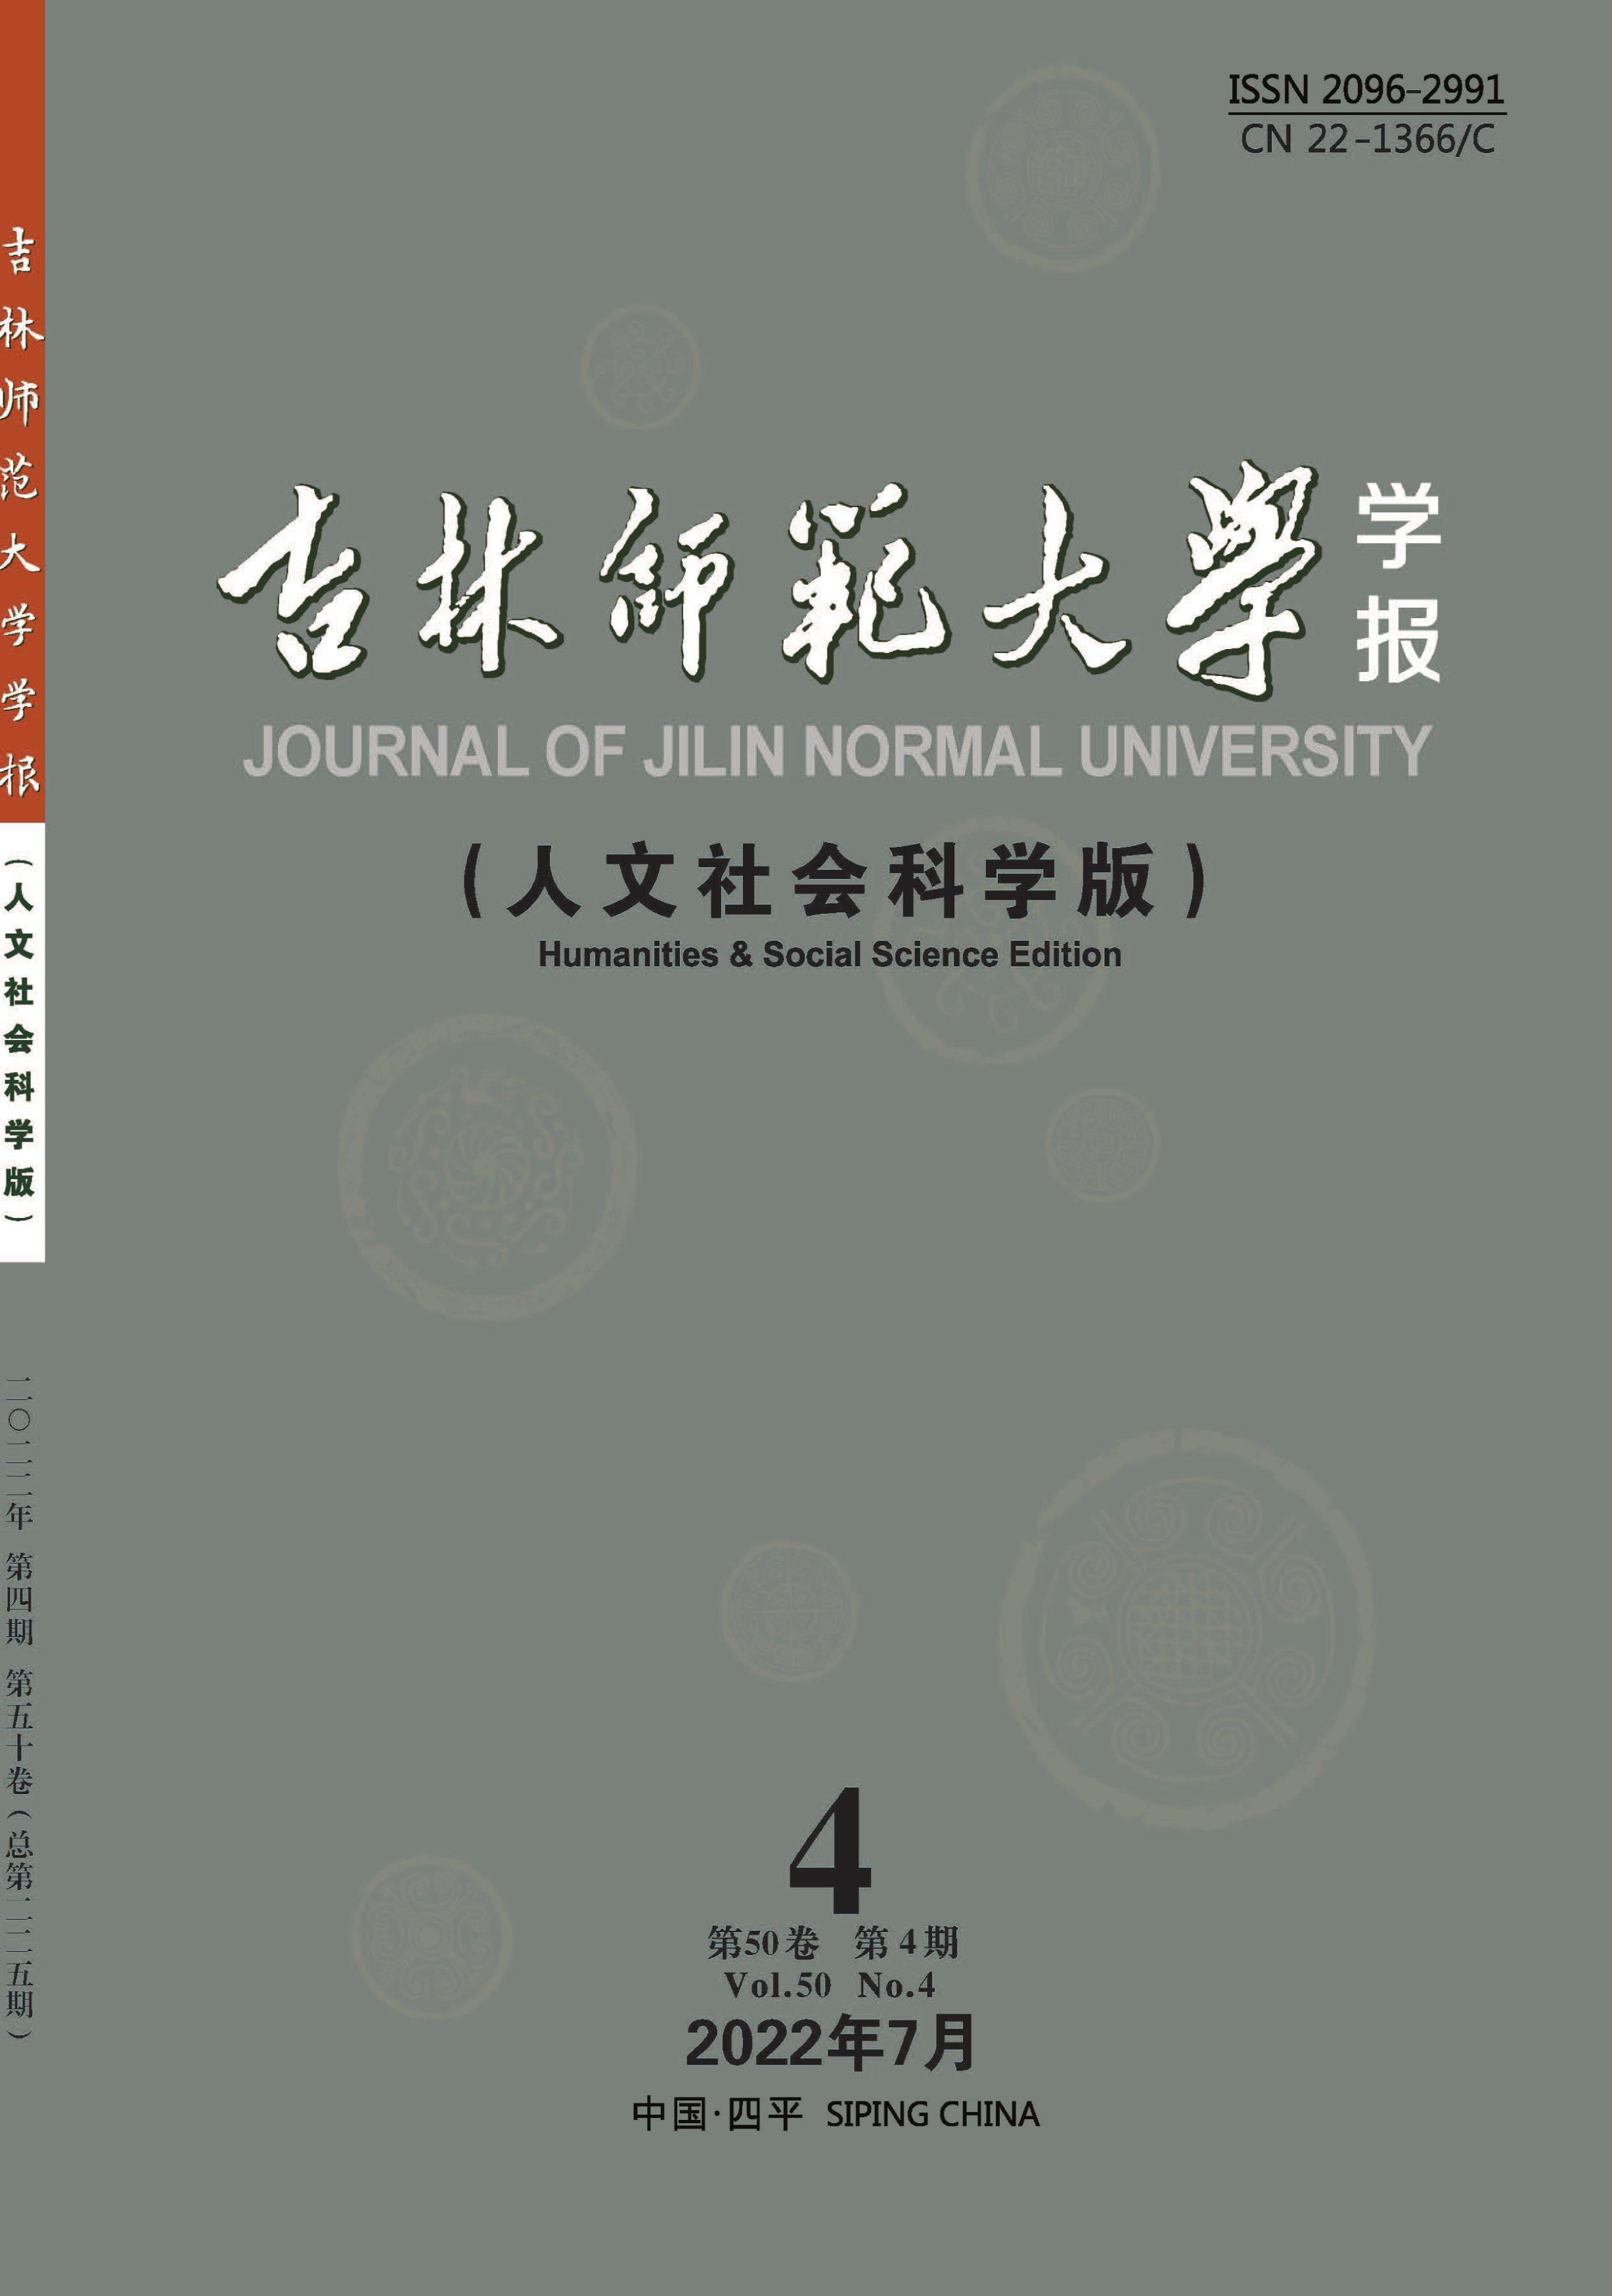 吉林师范大学学报:人文社会科学版